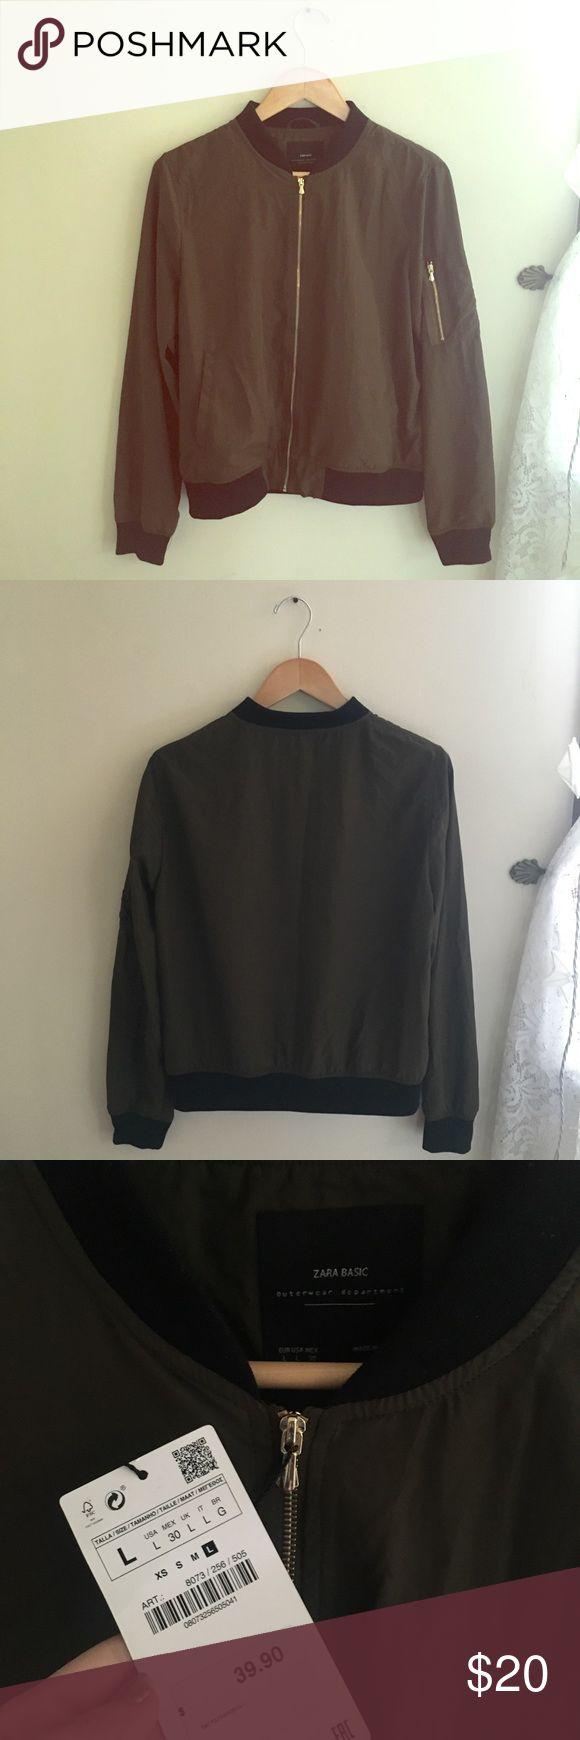 *NEW* Zara Bomber Jacket! Army green bomber jacket perfect for any outfit! Zara Jackets & Coats